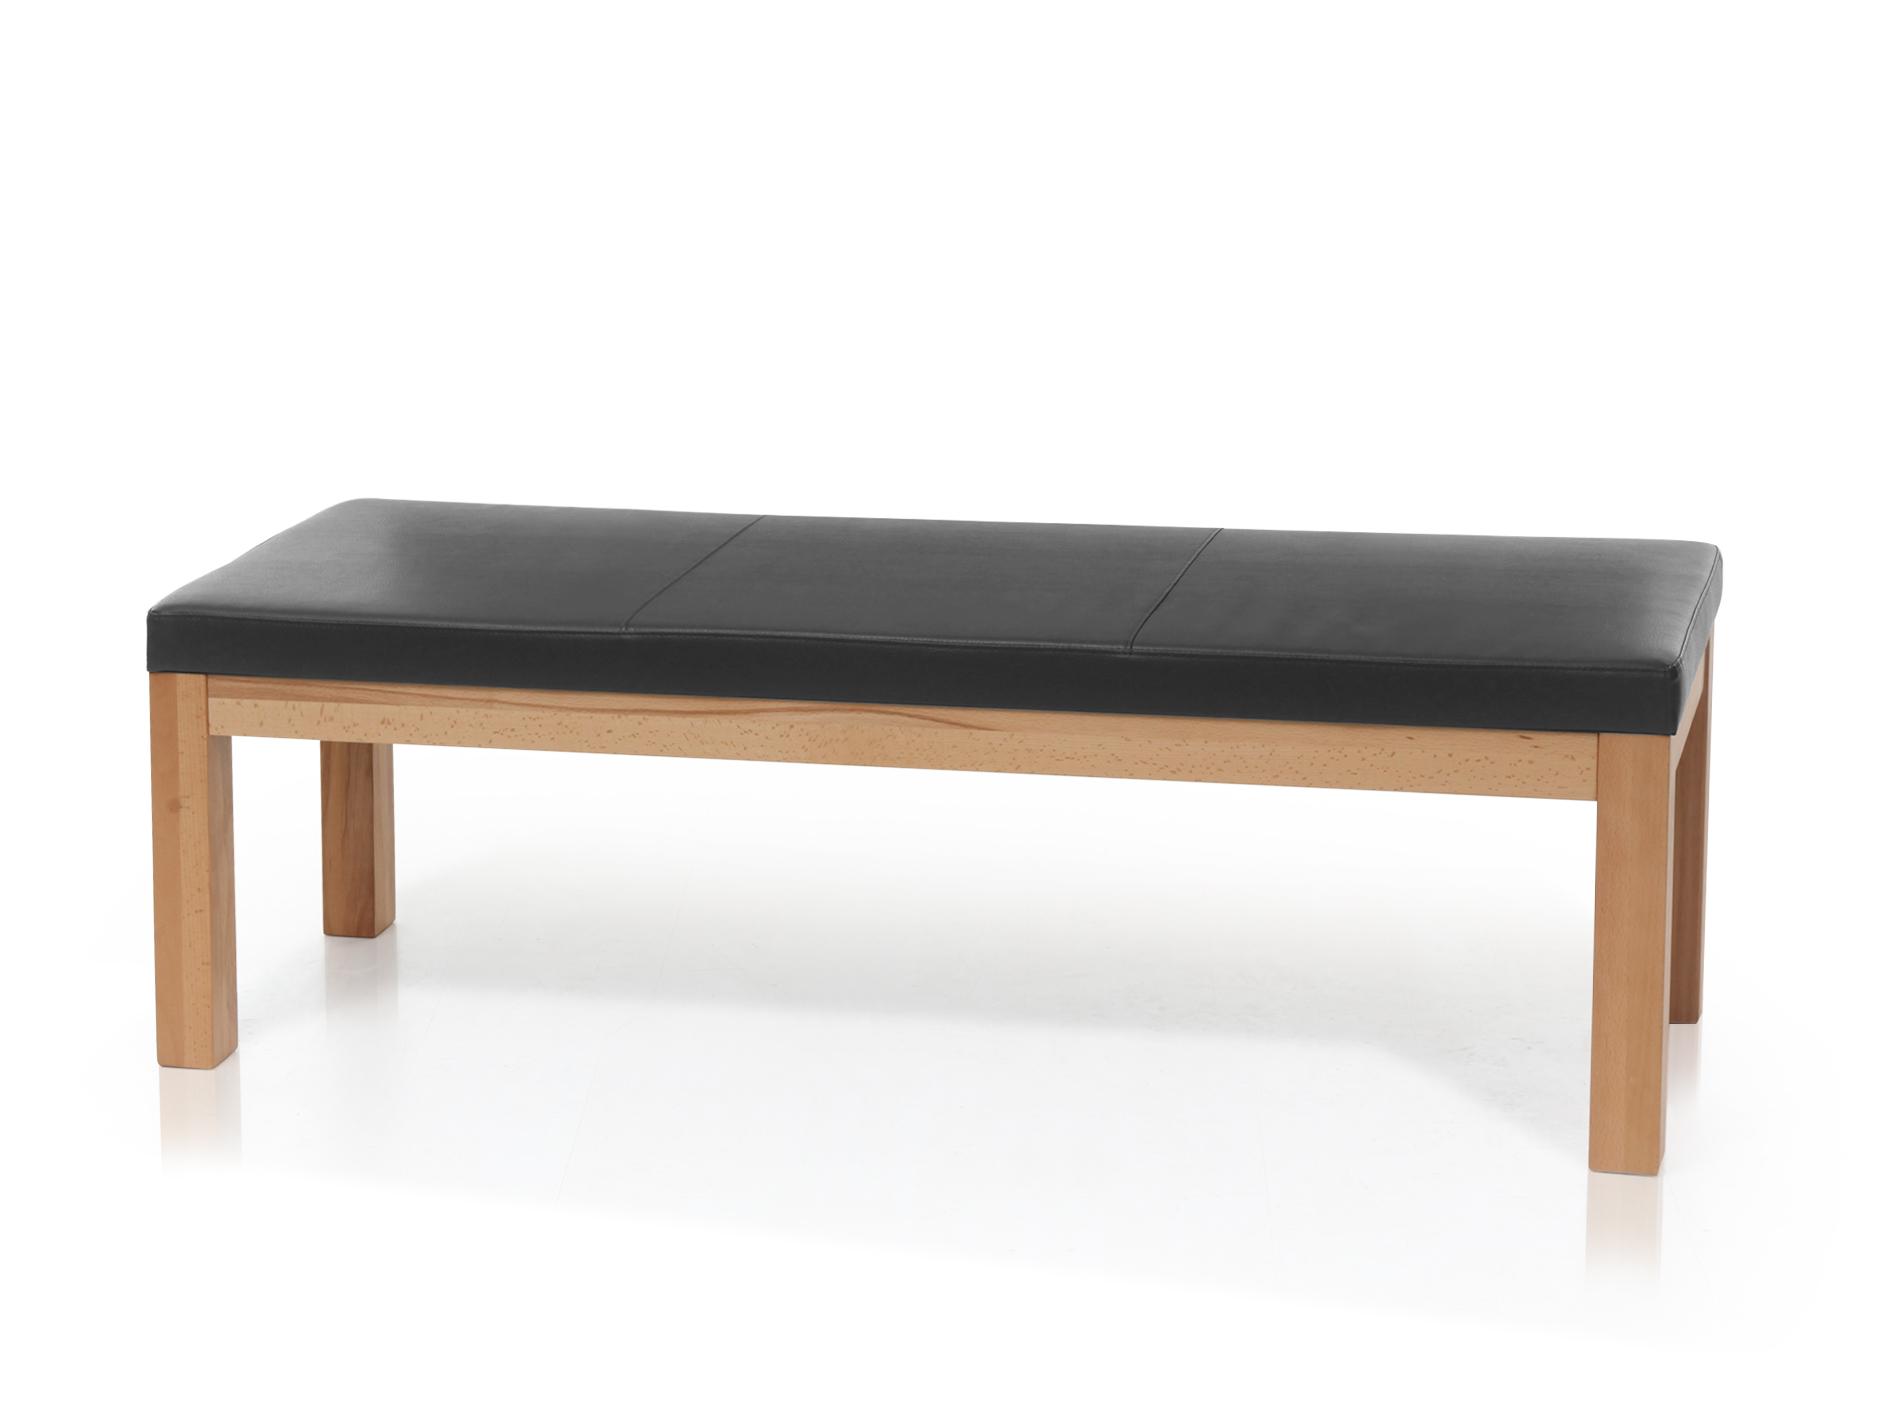 salima sitzbank ohne r cken massivholz mit kunstleder. Black Bedroom Furniture Sets. Home Design Ideas